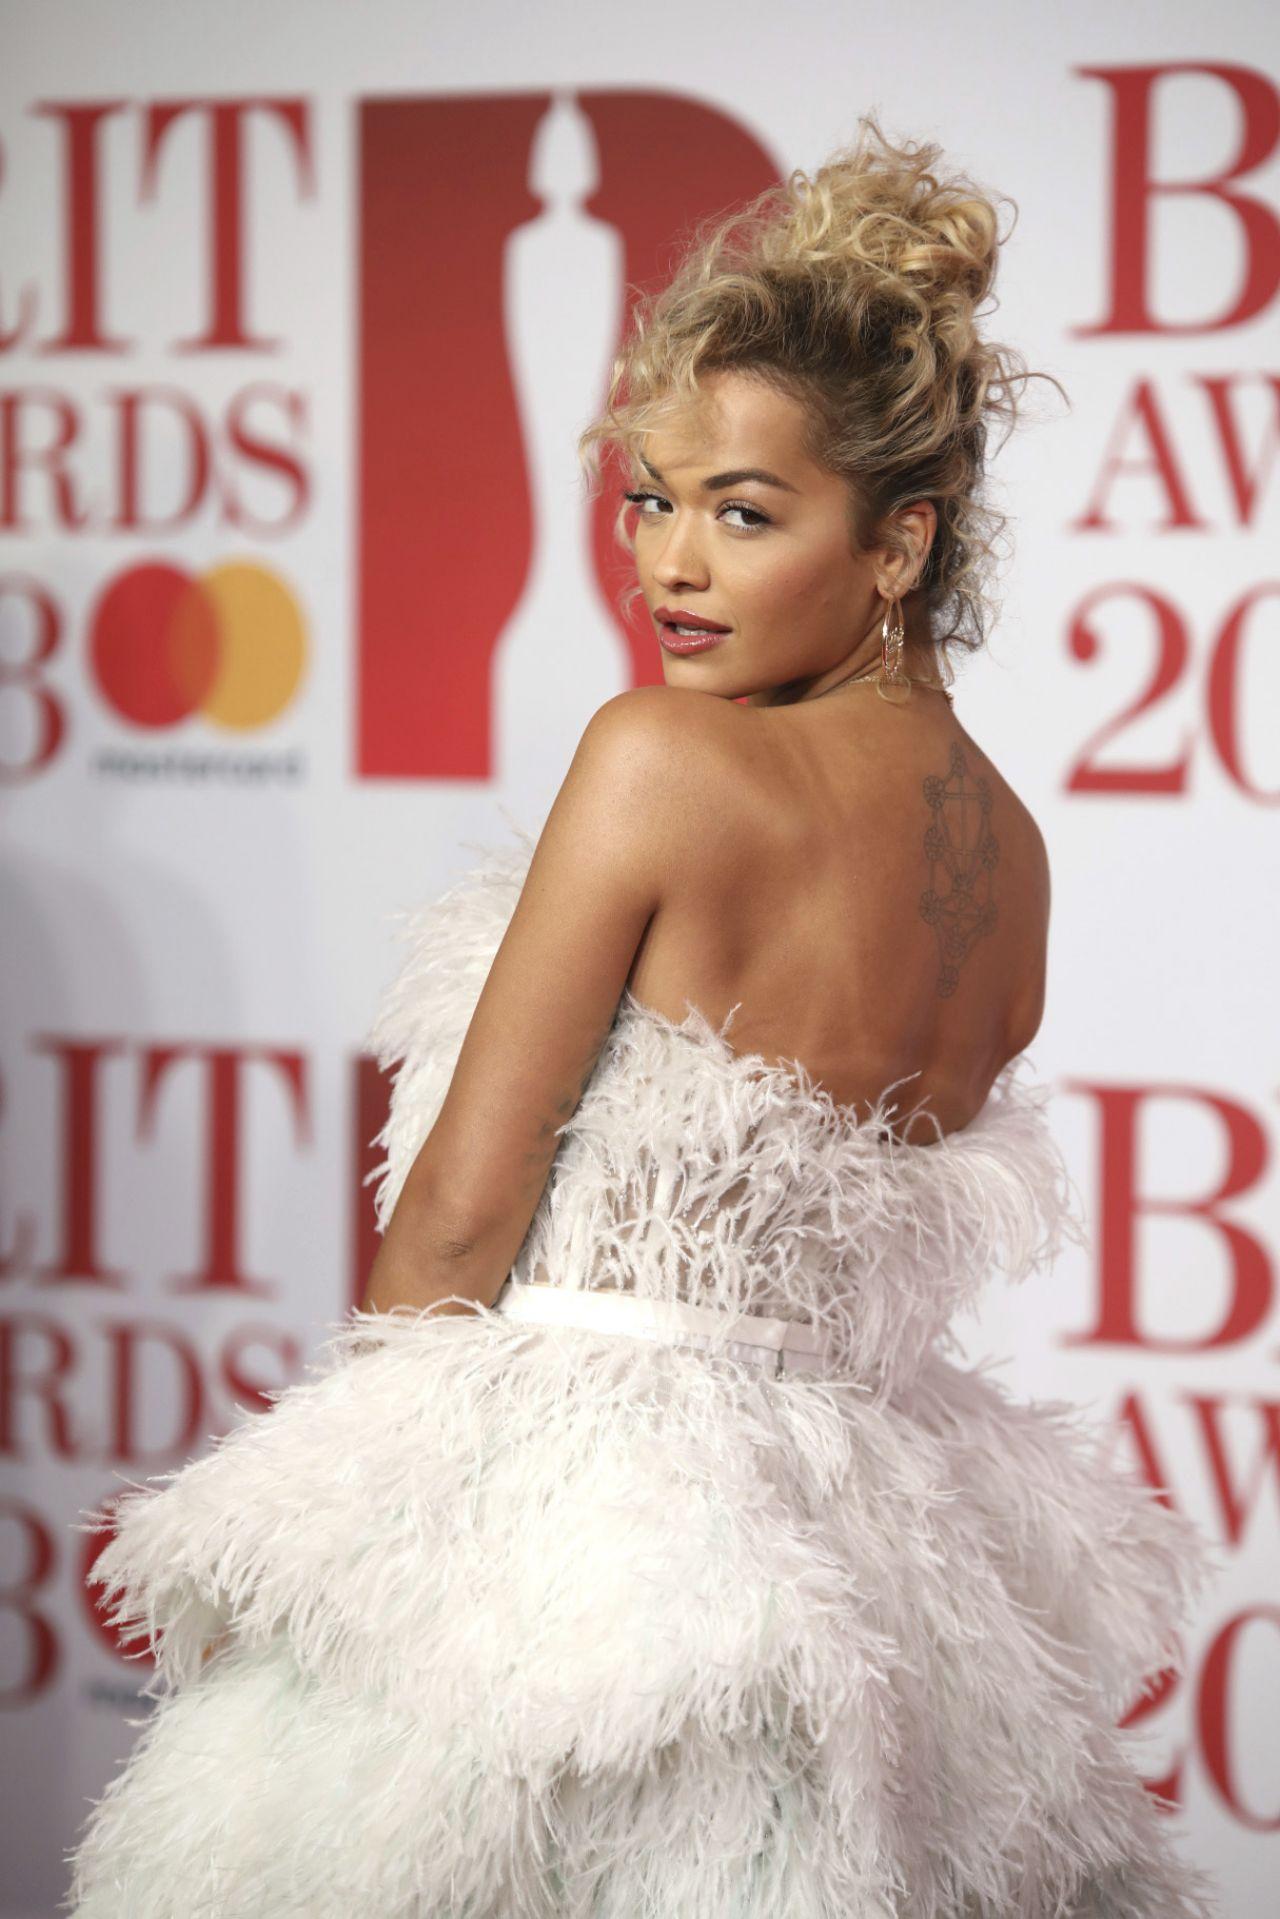 Rita ora brit awards - 3 part 1